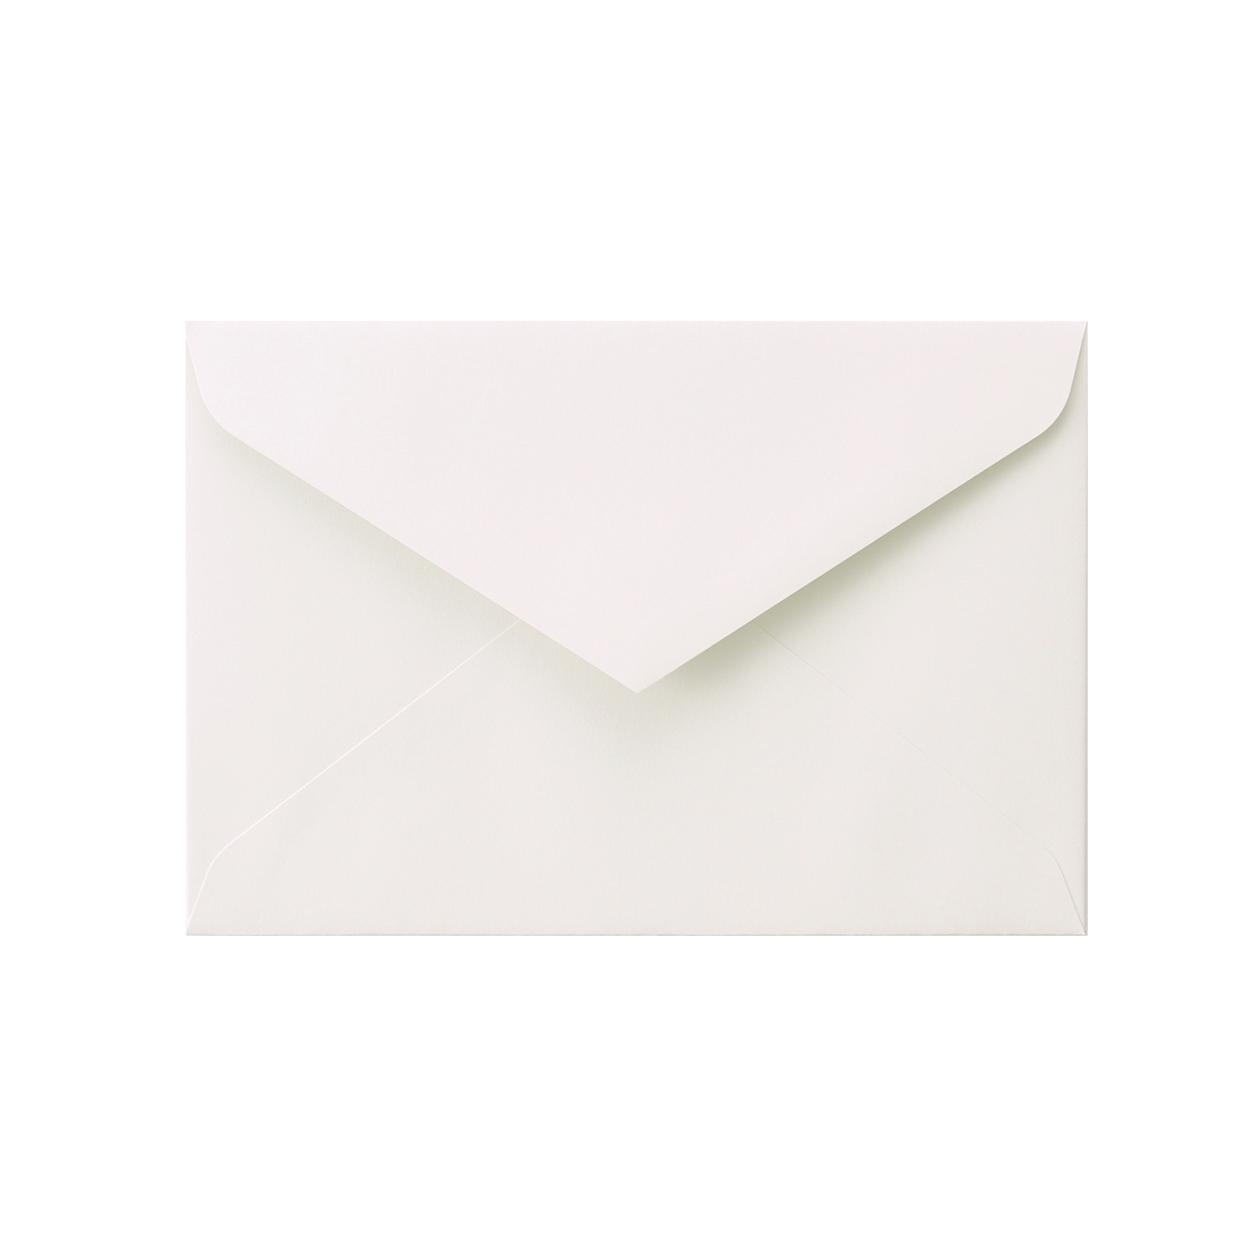 洋1ダイア封筒 コットン ライトグレイ 116.3g